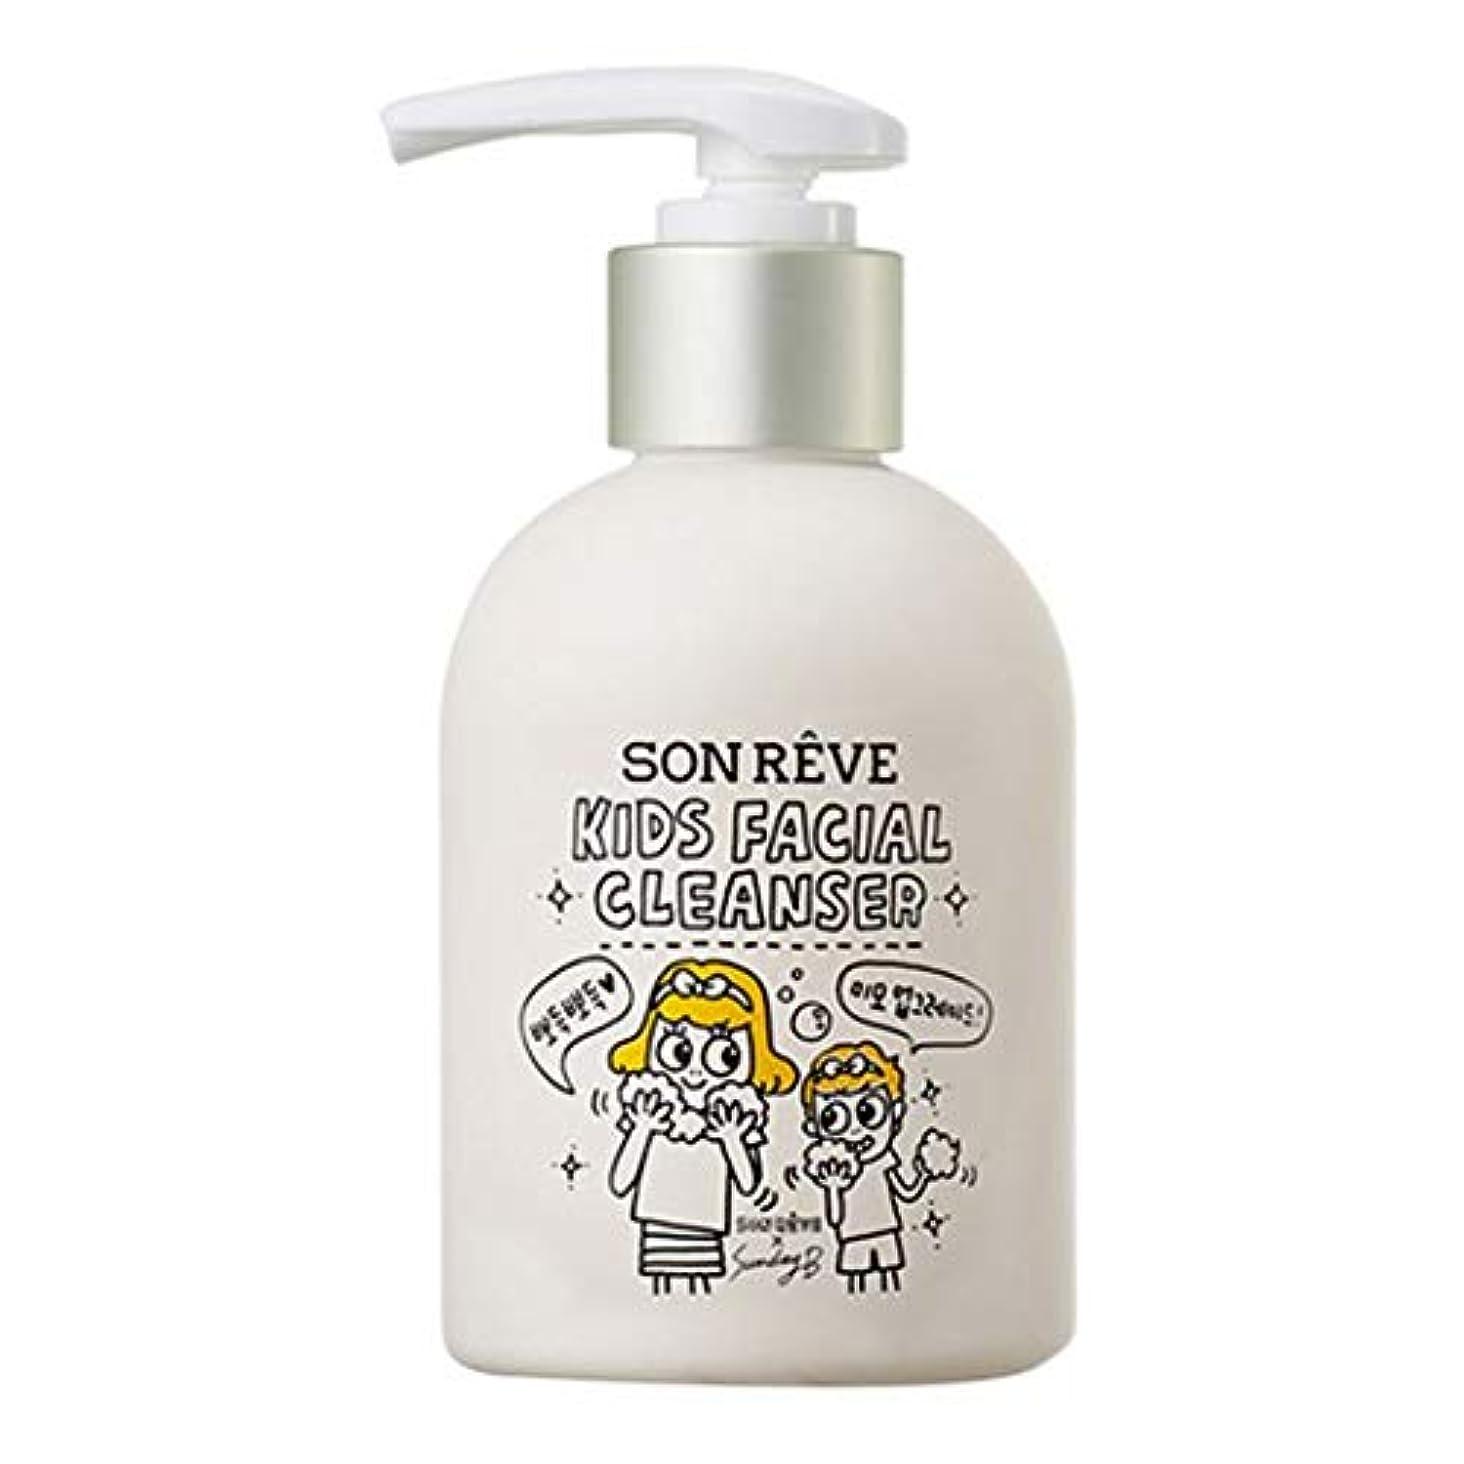 先に誇りに思う覚えている[SON REVE]KIDS Facial Cleanserの子どもの洗顔200ml甘いキャンディー 香りポンプ型[海外直輸入]